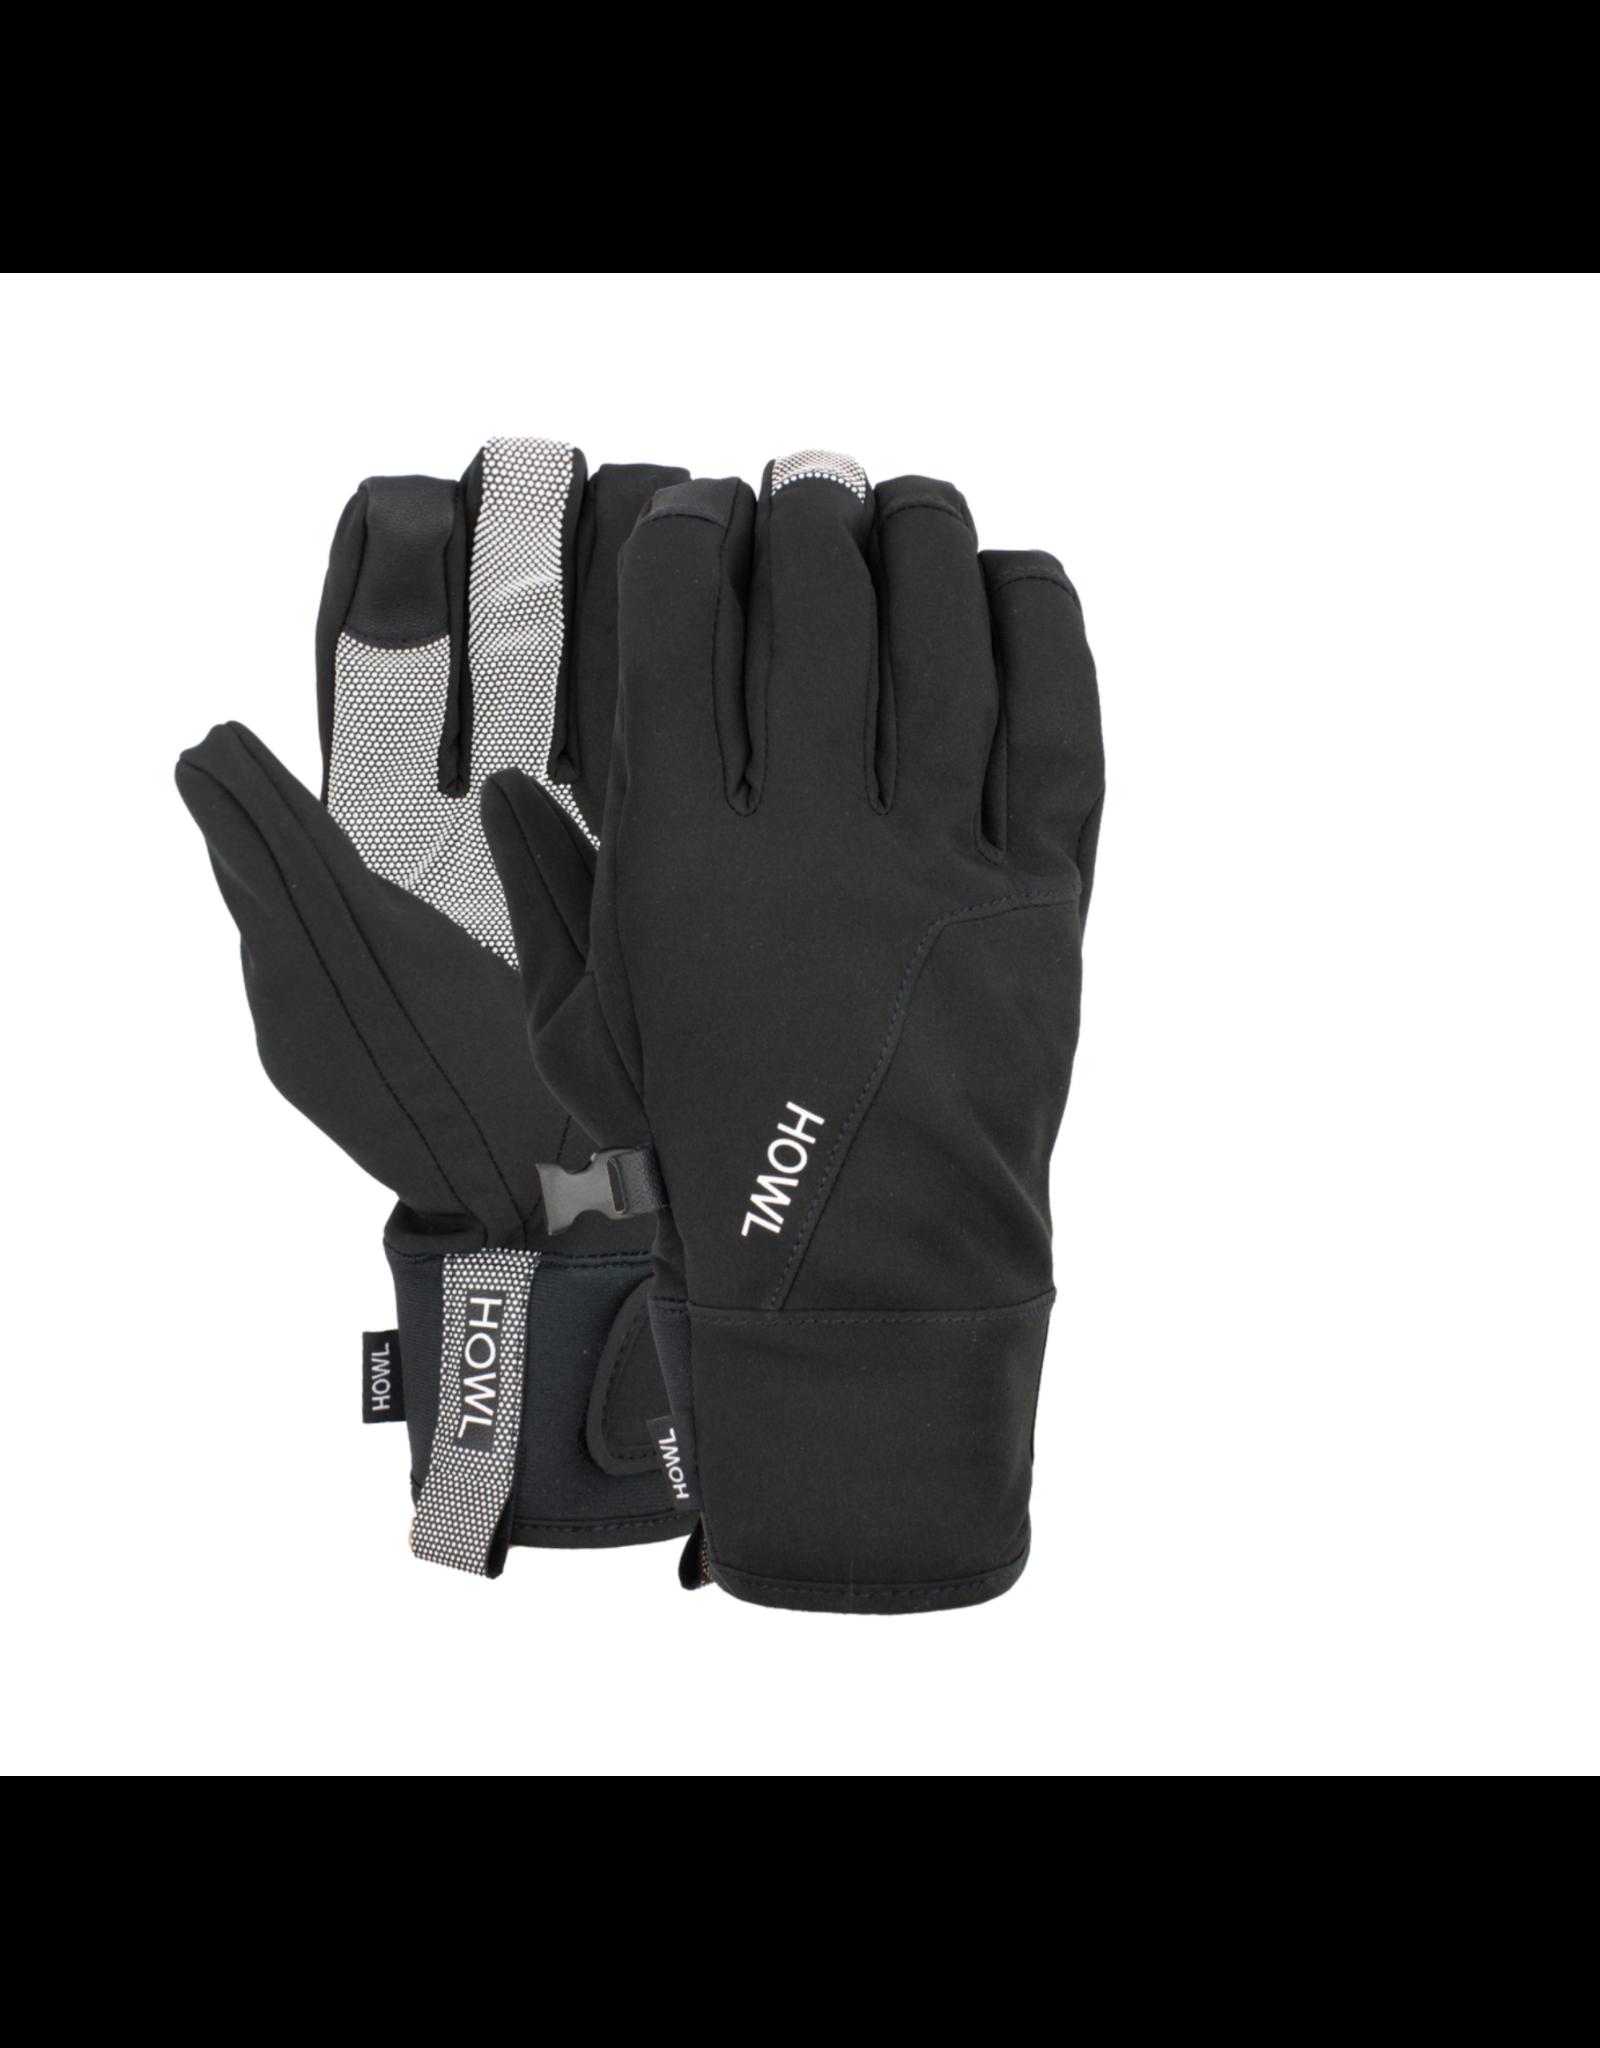 Howl Tech Gloves - Black